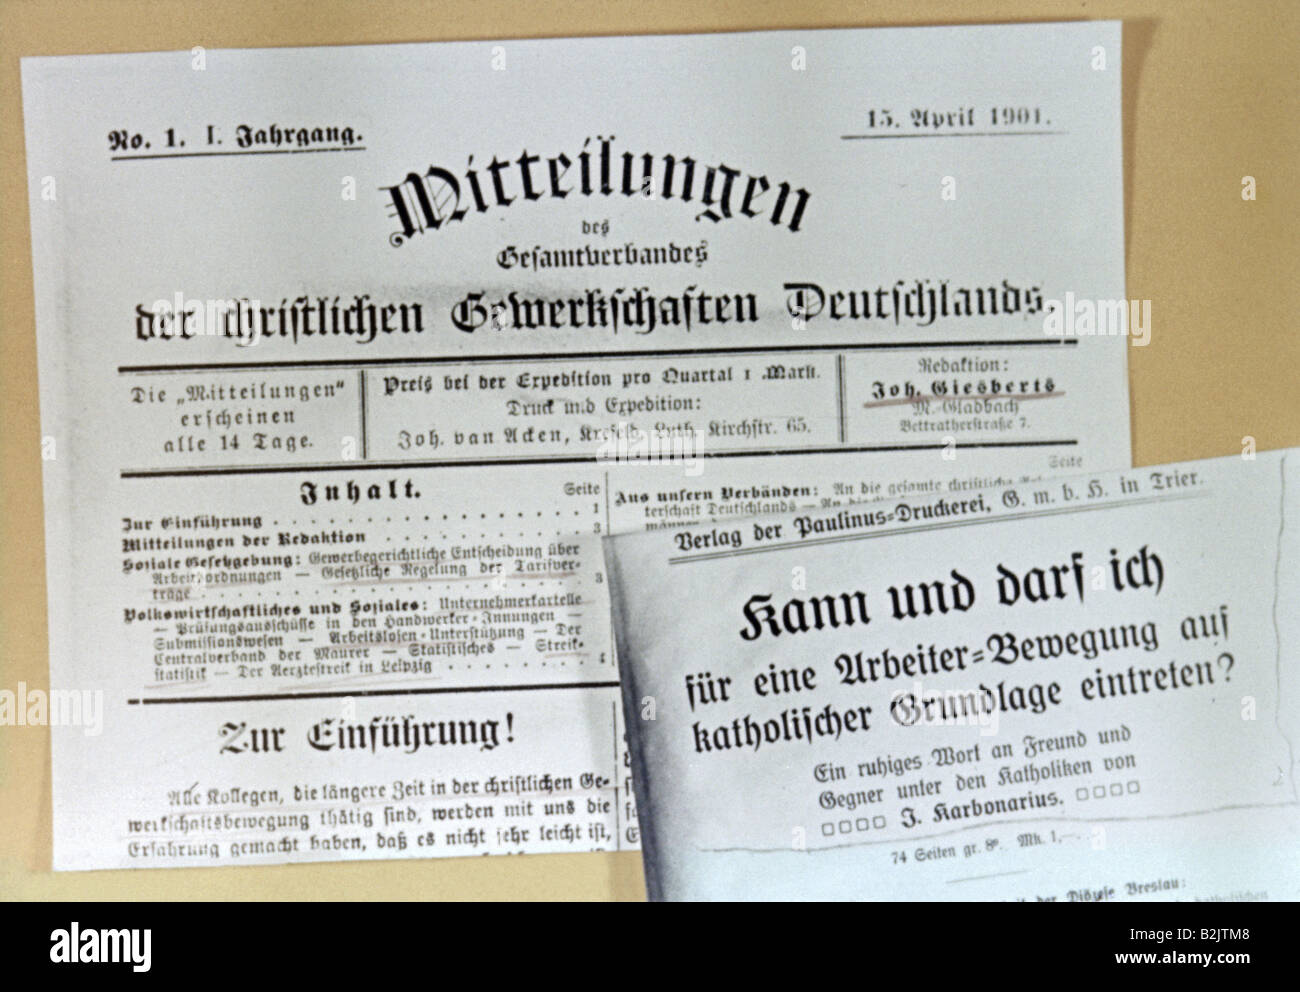 press / media, journals / magazines, 'Mitteilungen des Gesamtverband der christlichen Gerwerkschaften Deutschlands', - Stock Image